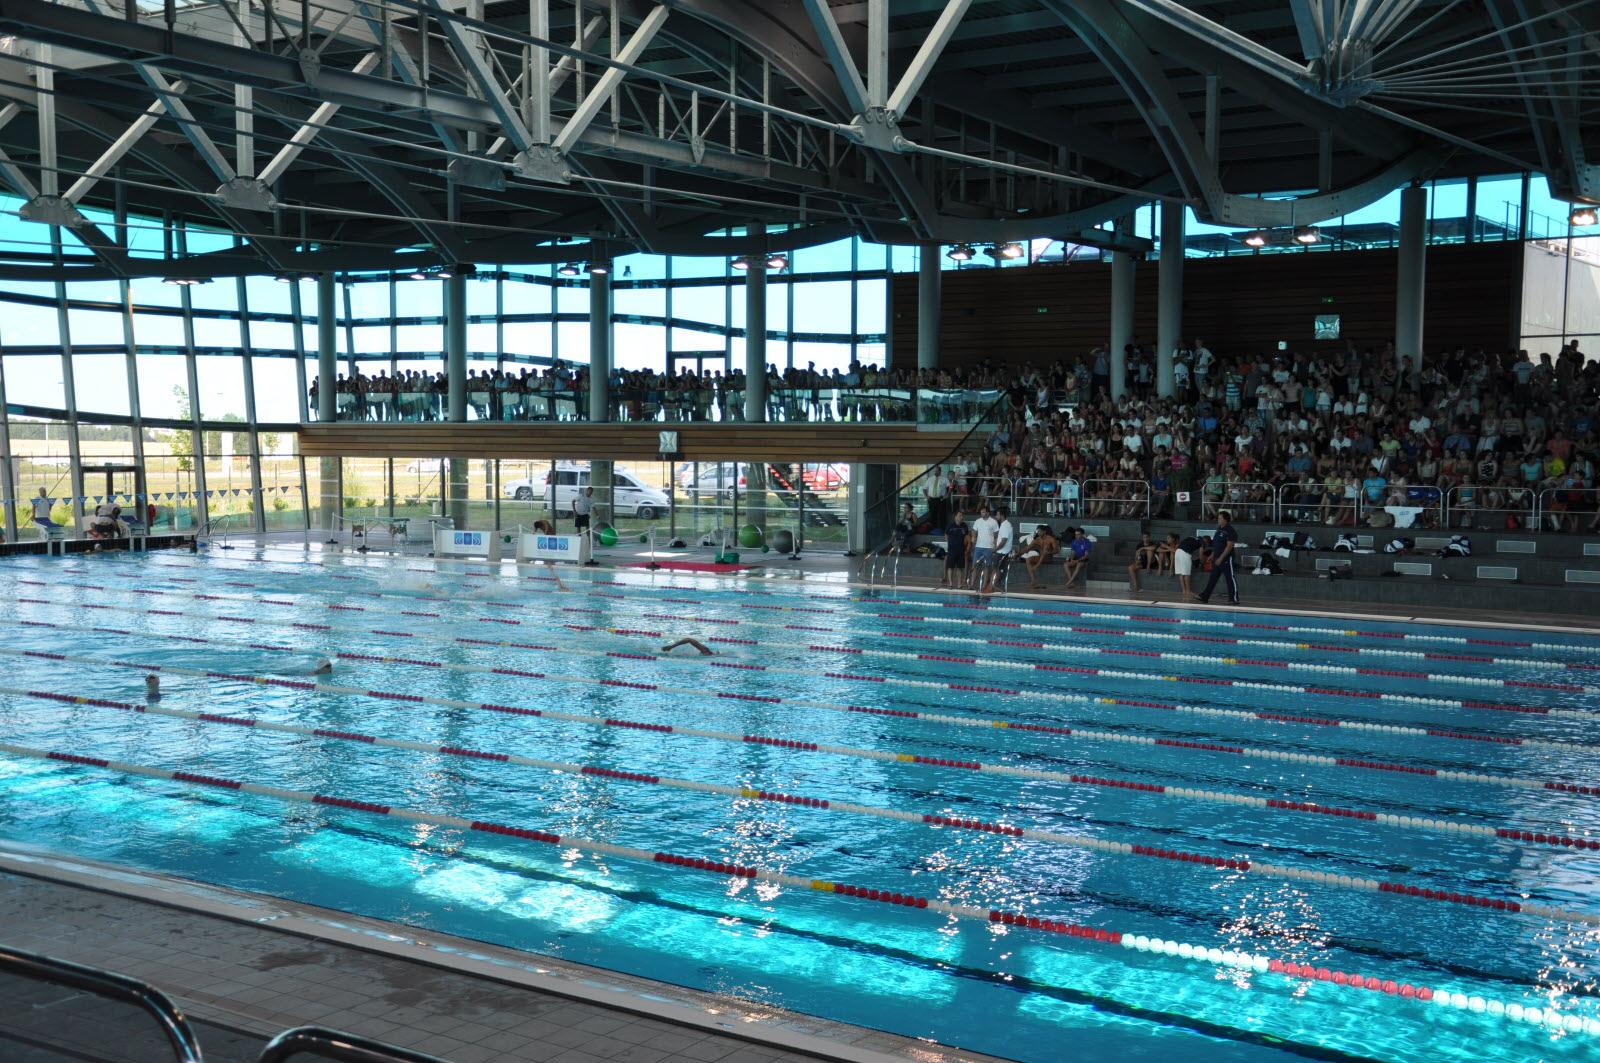 Dijon | Dijon : La Piscine Olympique Fermée Pour Un ... pour Dimension Piscine Olympique